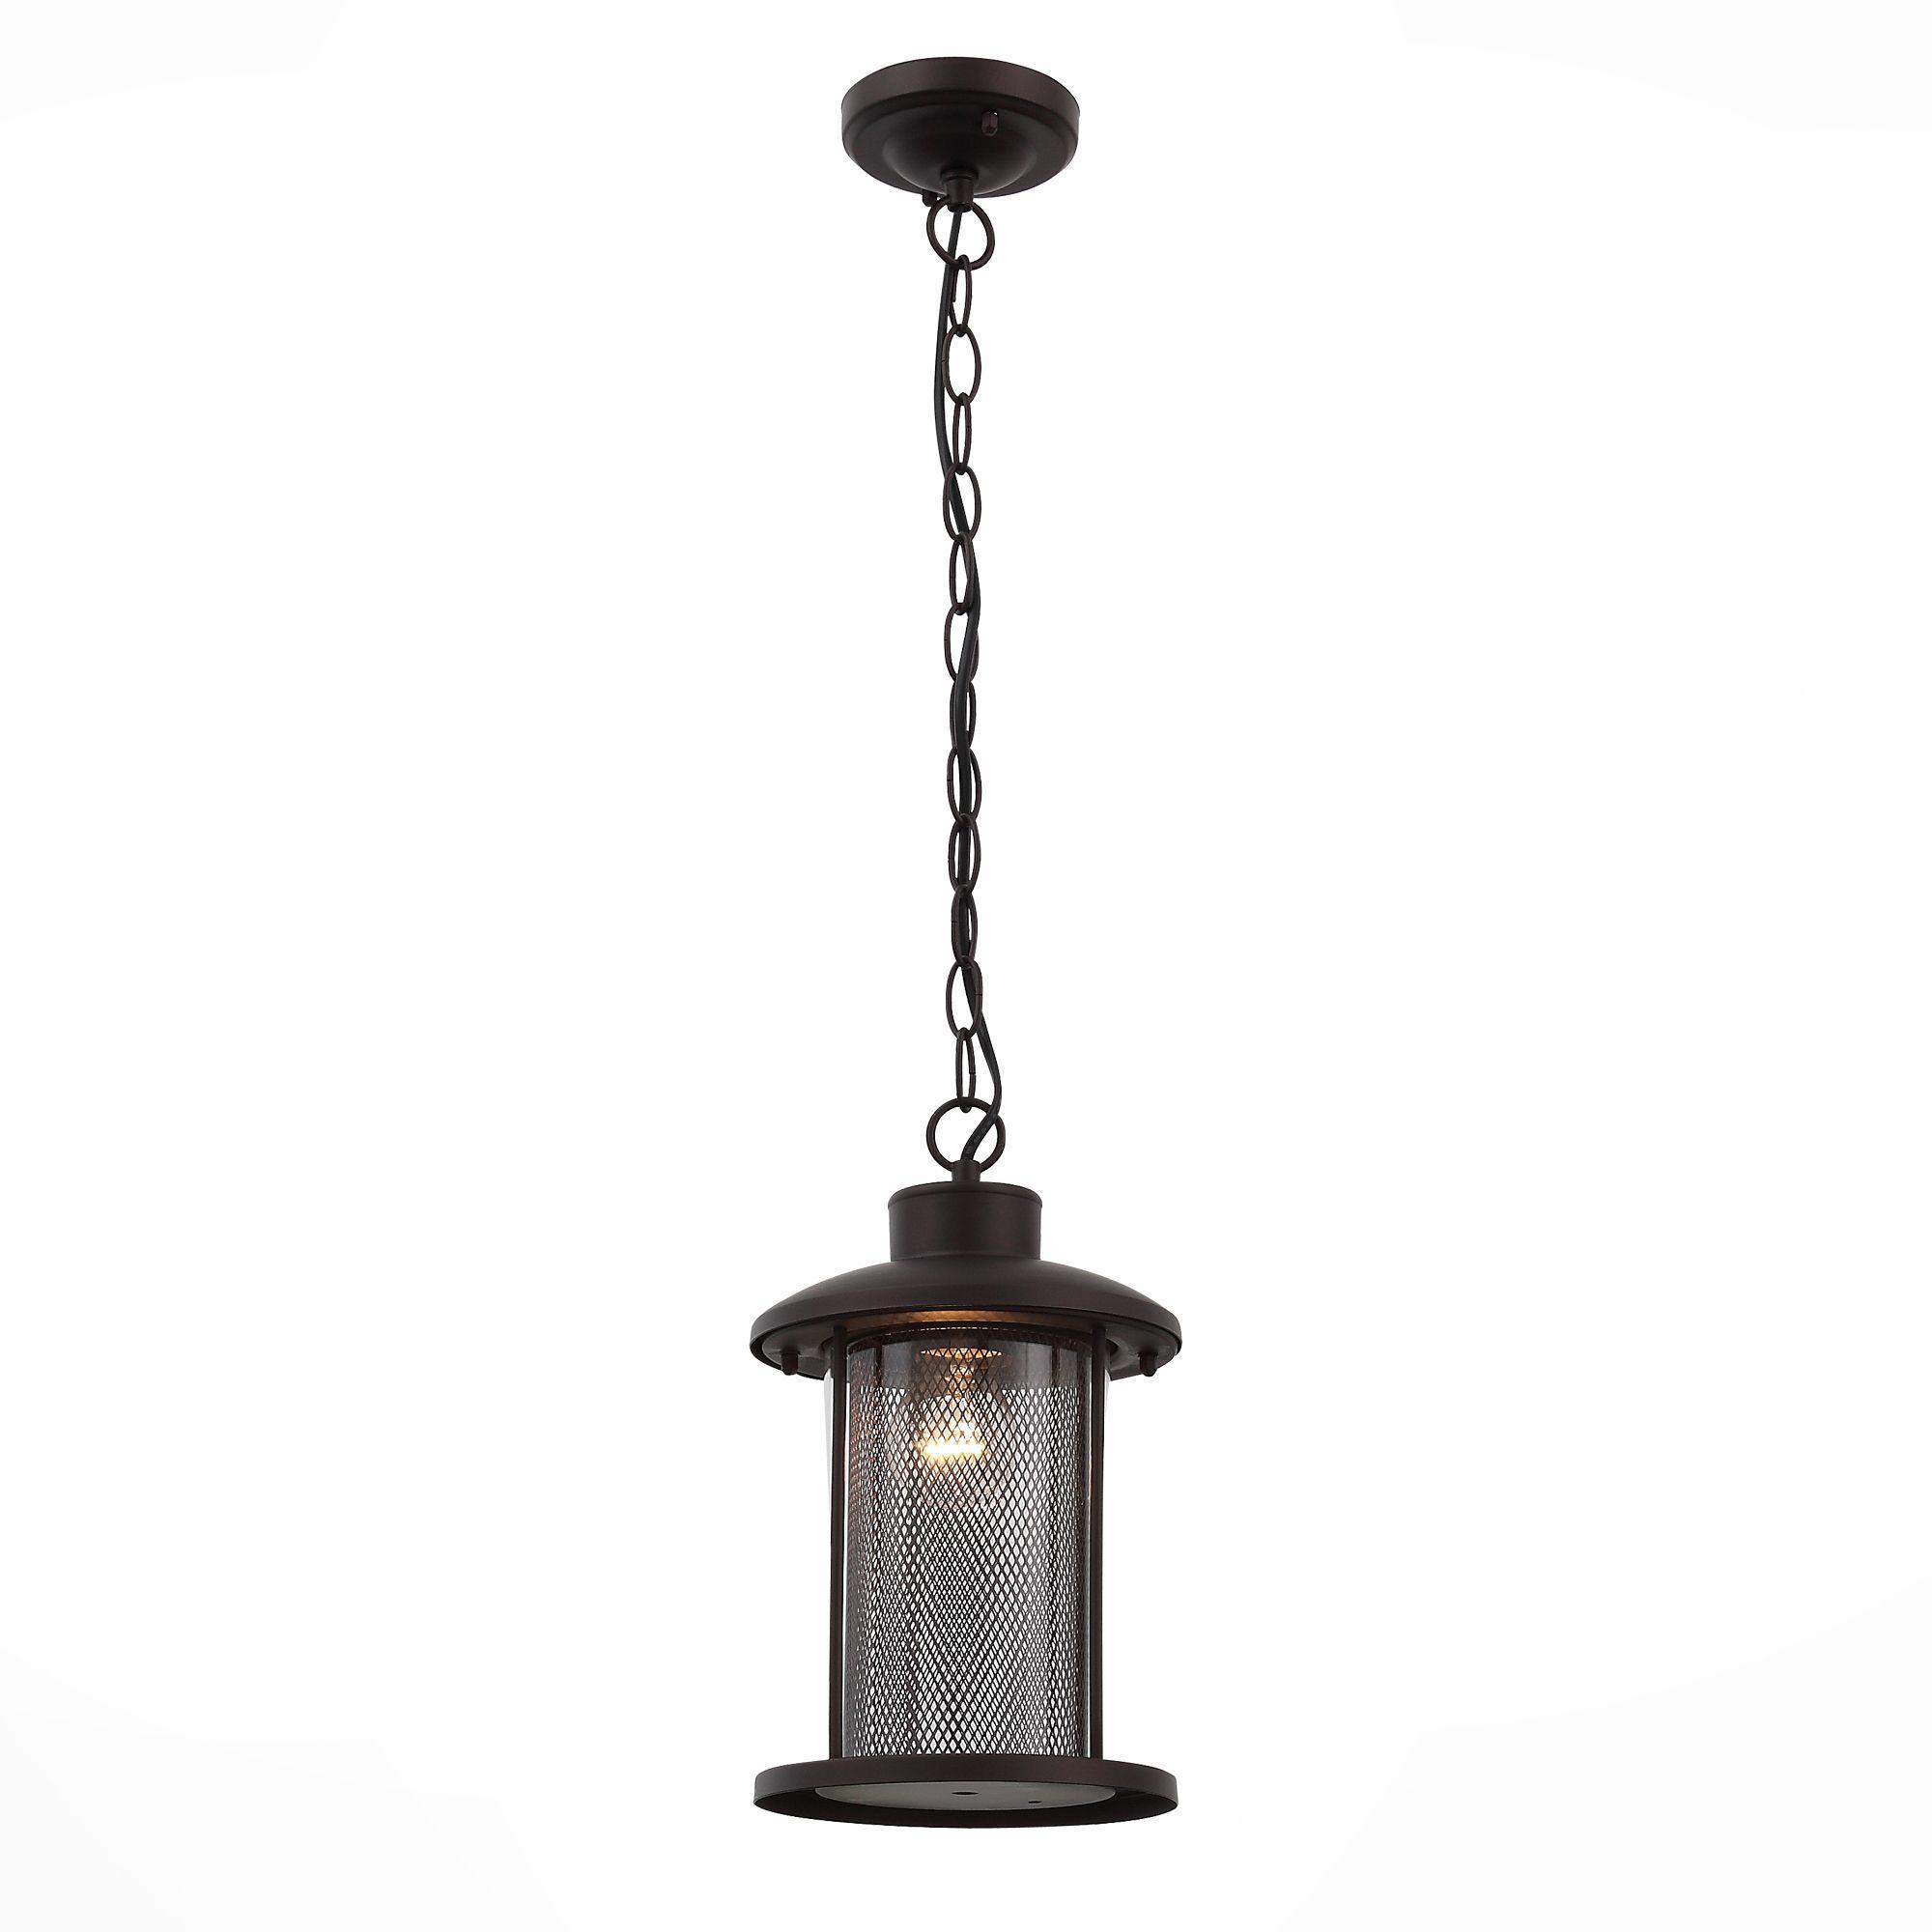 Светильник уличный подвесной ST-Luce Темный кофе/Прозрачный, Темный кофе E27 1*60W SL080.403.01